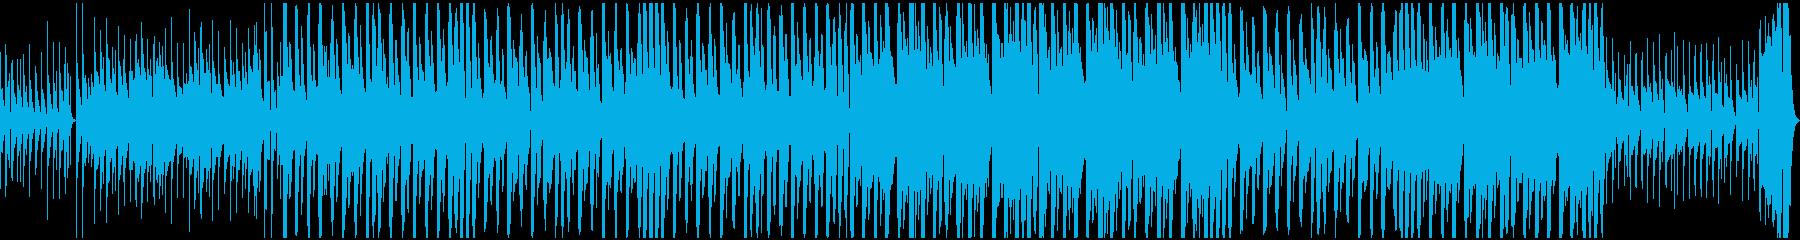 おかしくて陽気なサウンドトラックは...の再生済みの波形